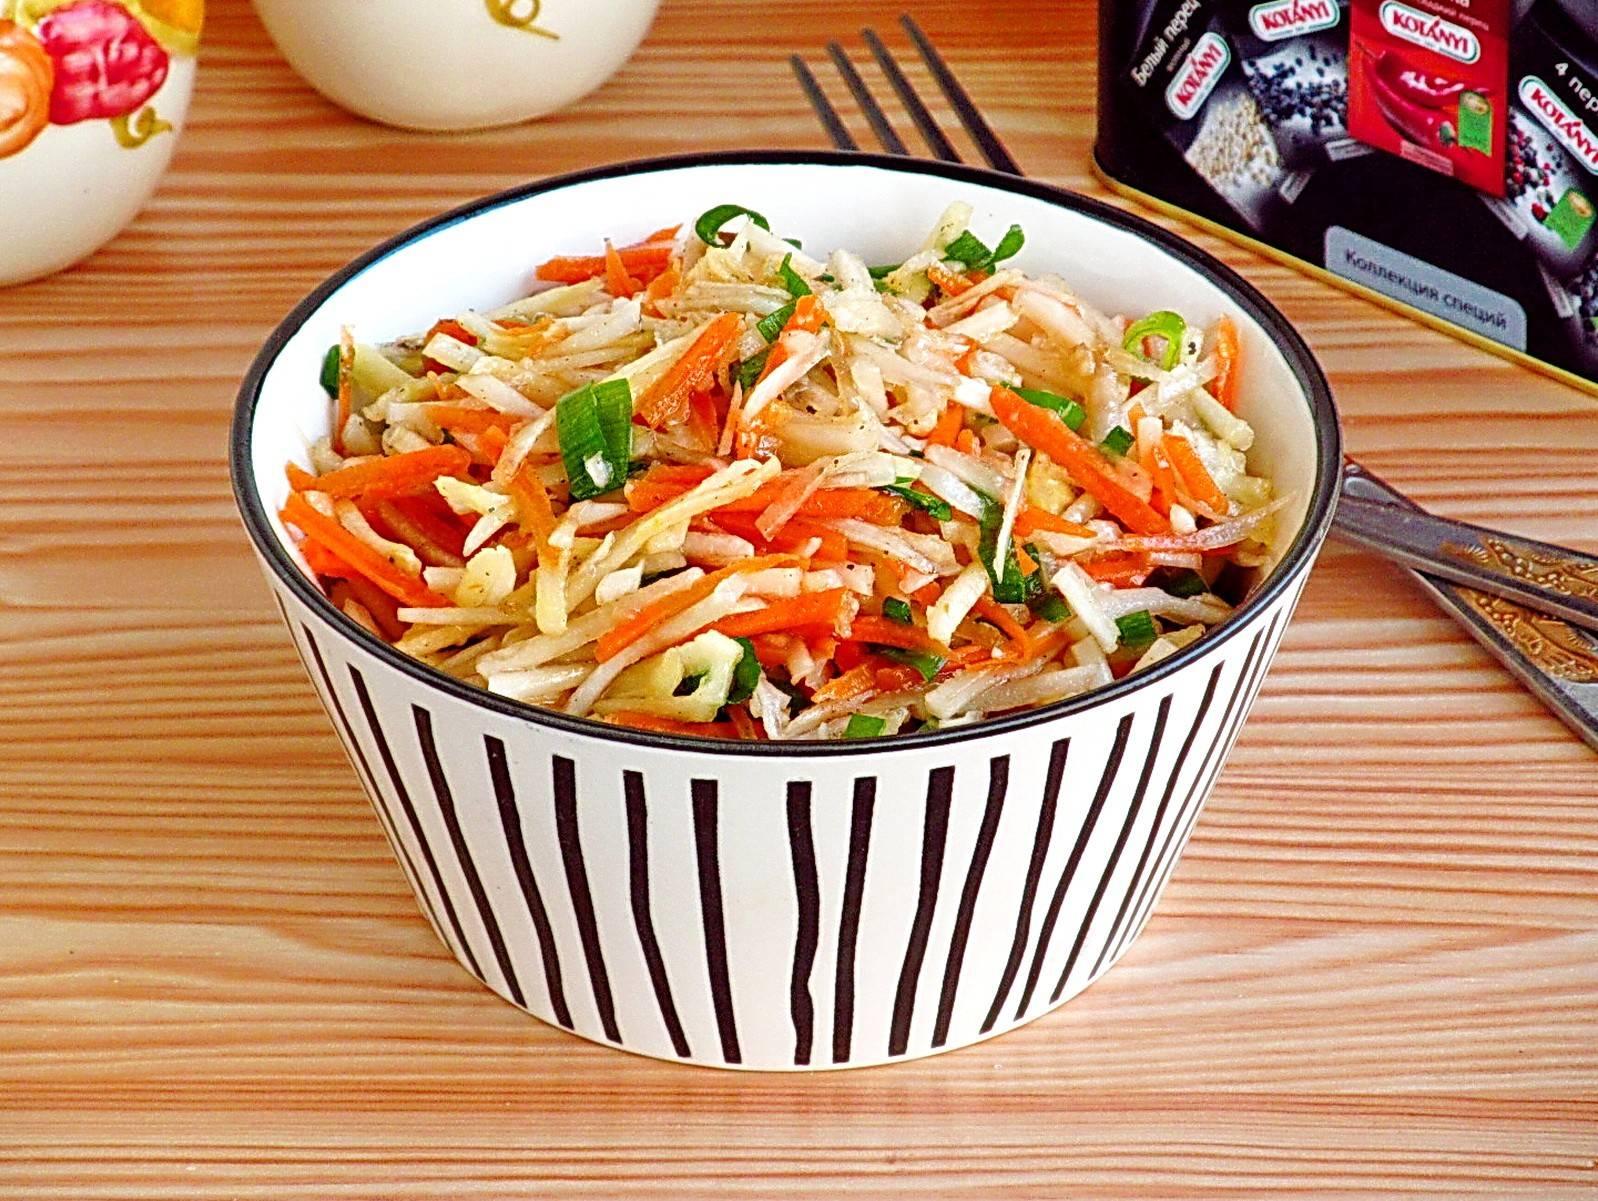 Салаты из топинамбура - 17 рецептов - салаты - закуски - мои любимые рецепты